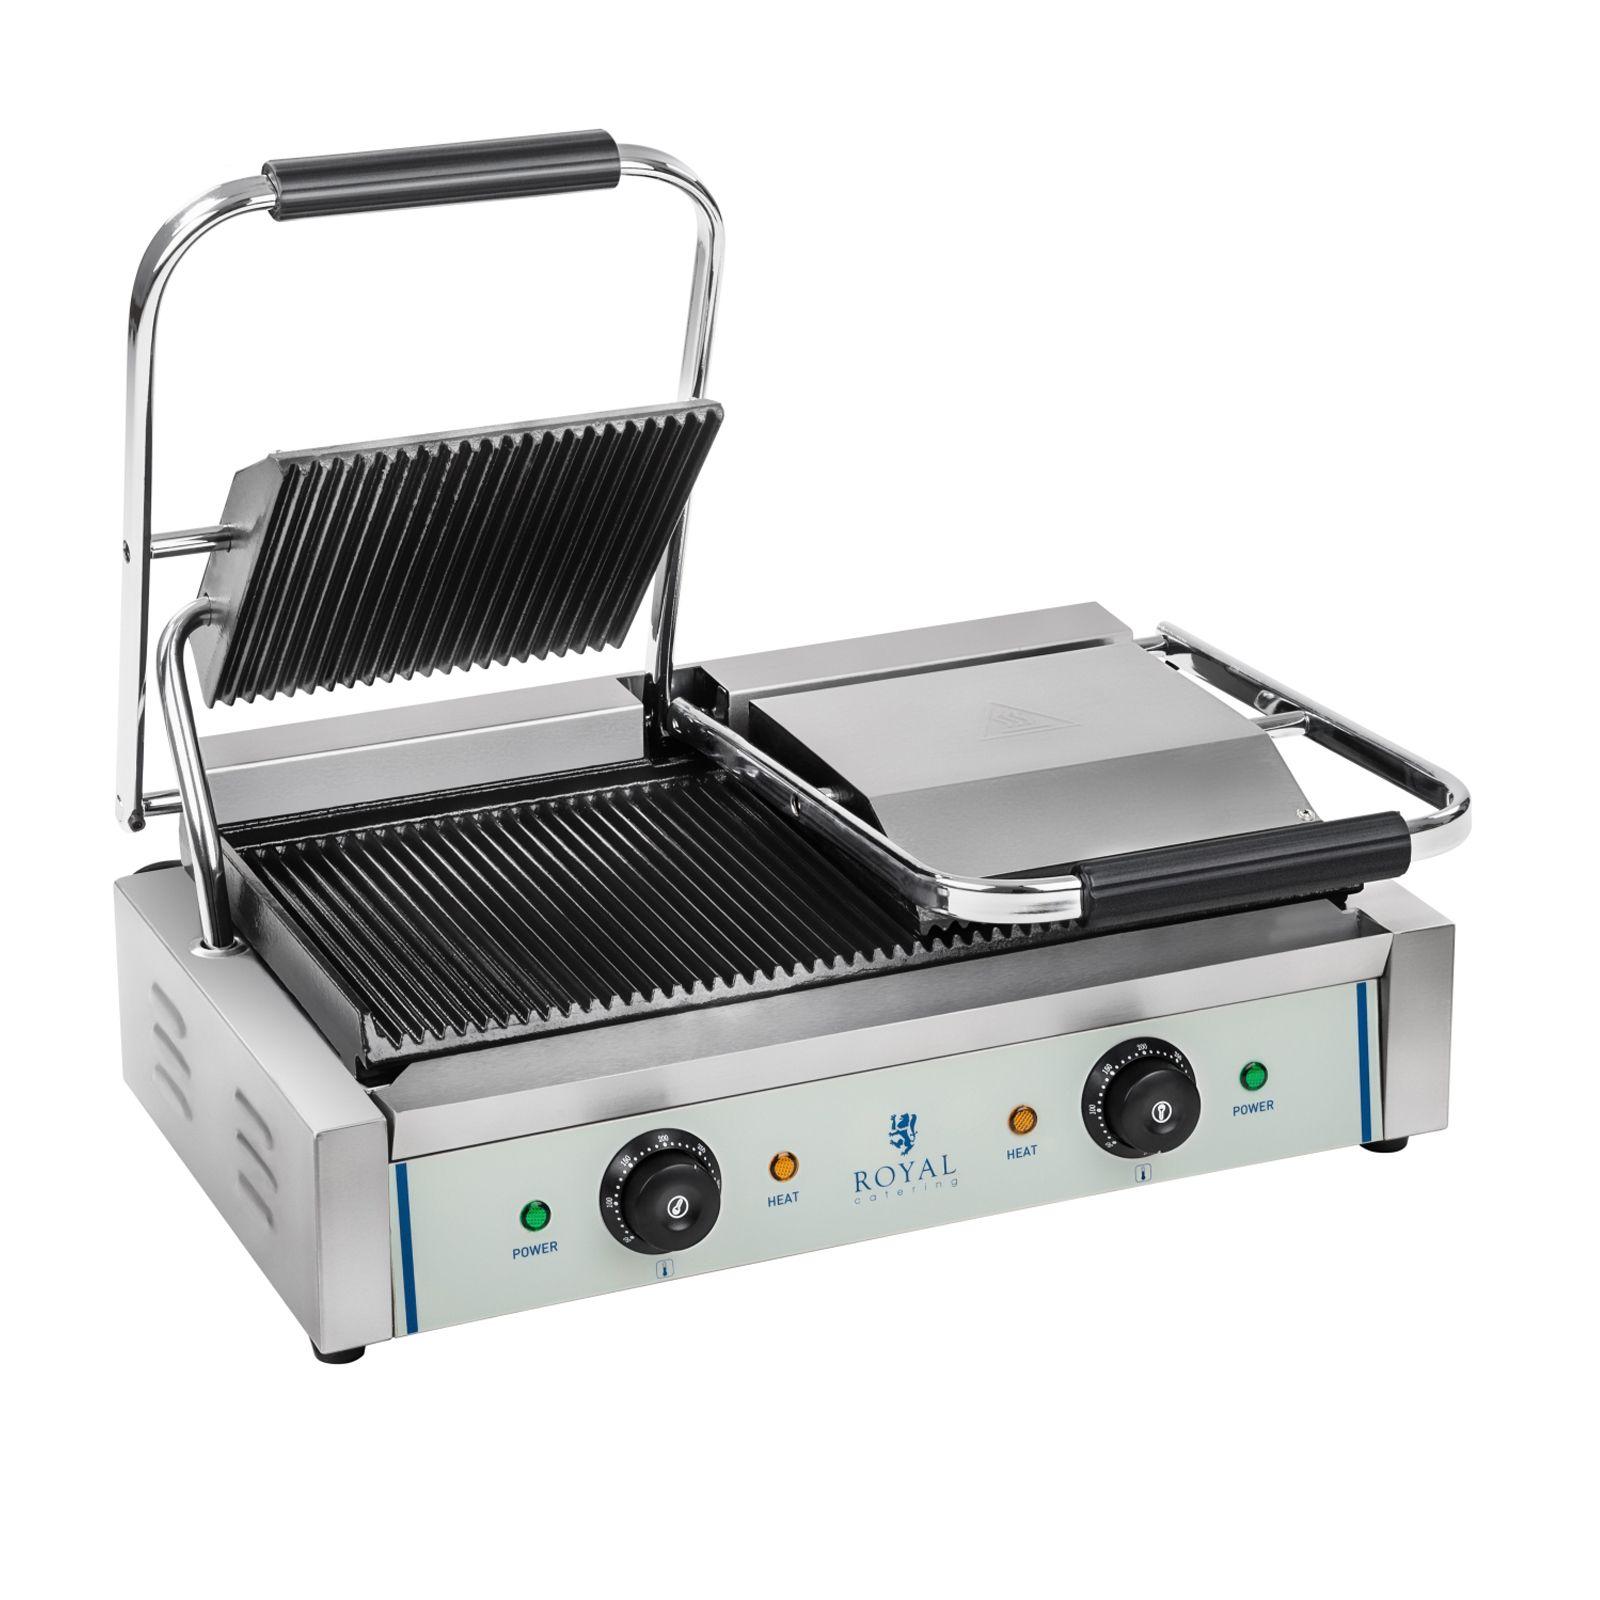 Royal Catering Piastra panini - 2 x 1.800 Watt - rigato - 2.0 RCKG-3600-G